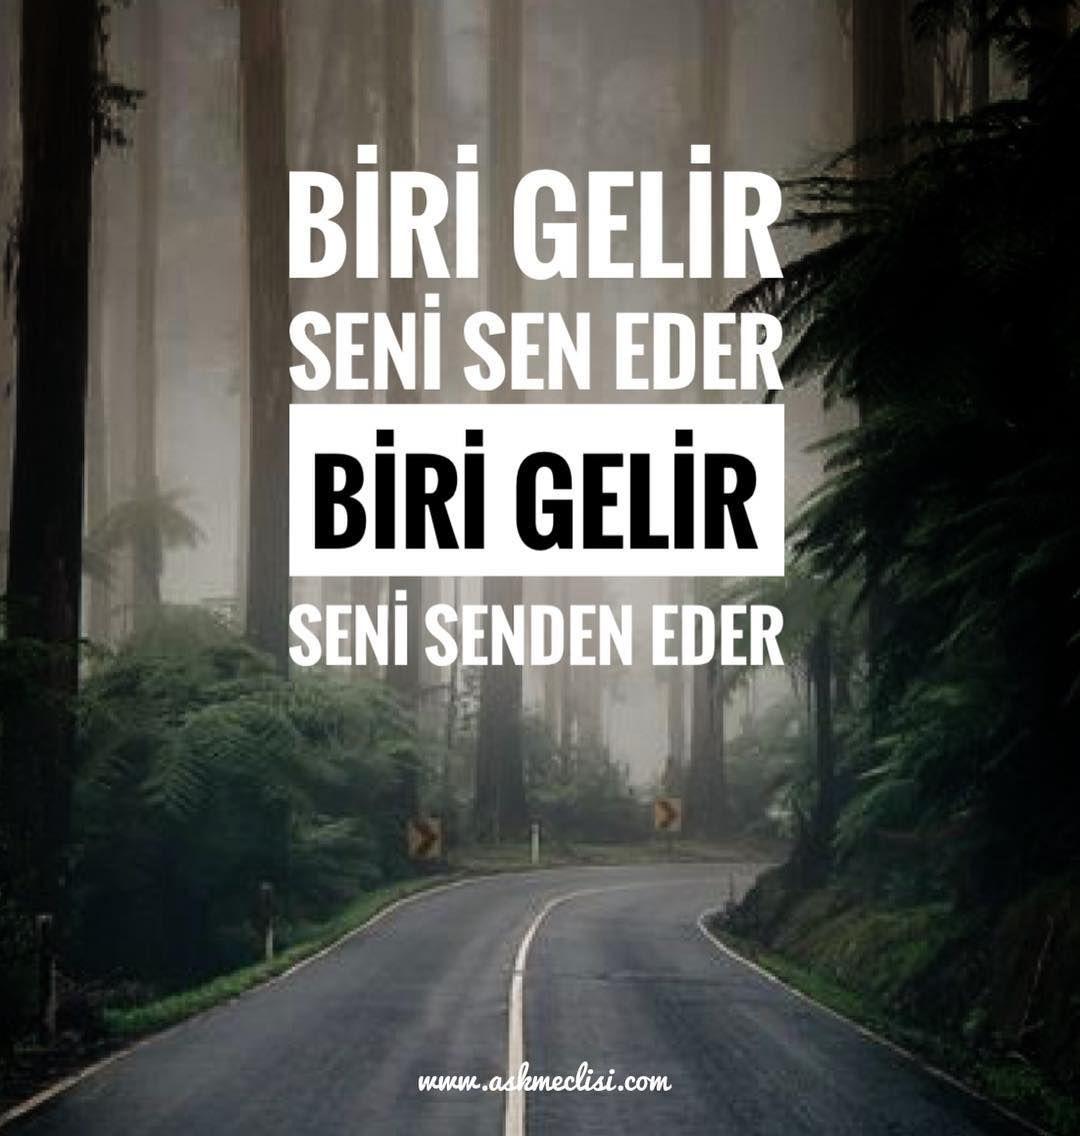 Biri gelir seni sen eder... Biri gelir seni senden eder... #şems #aşk #love #sevgi #mutluluk #happy #sokakmodasi #sokakyazıları #duvaryazıları #aşk #sevgi #mutluluk #özlemek #kavuşmak #şiir #türkiye #istanbul #derttaş #edebiyat #hasret #melek #izmir #yunusemre #mevlana #şemsitebrizi #cemalsüreya #namıkkemal #kitapkurdu #kitaptavsiyesi #şiir #şiirsokakta